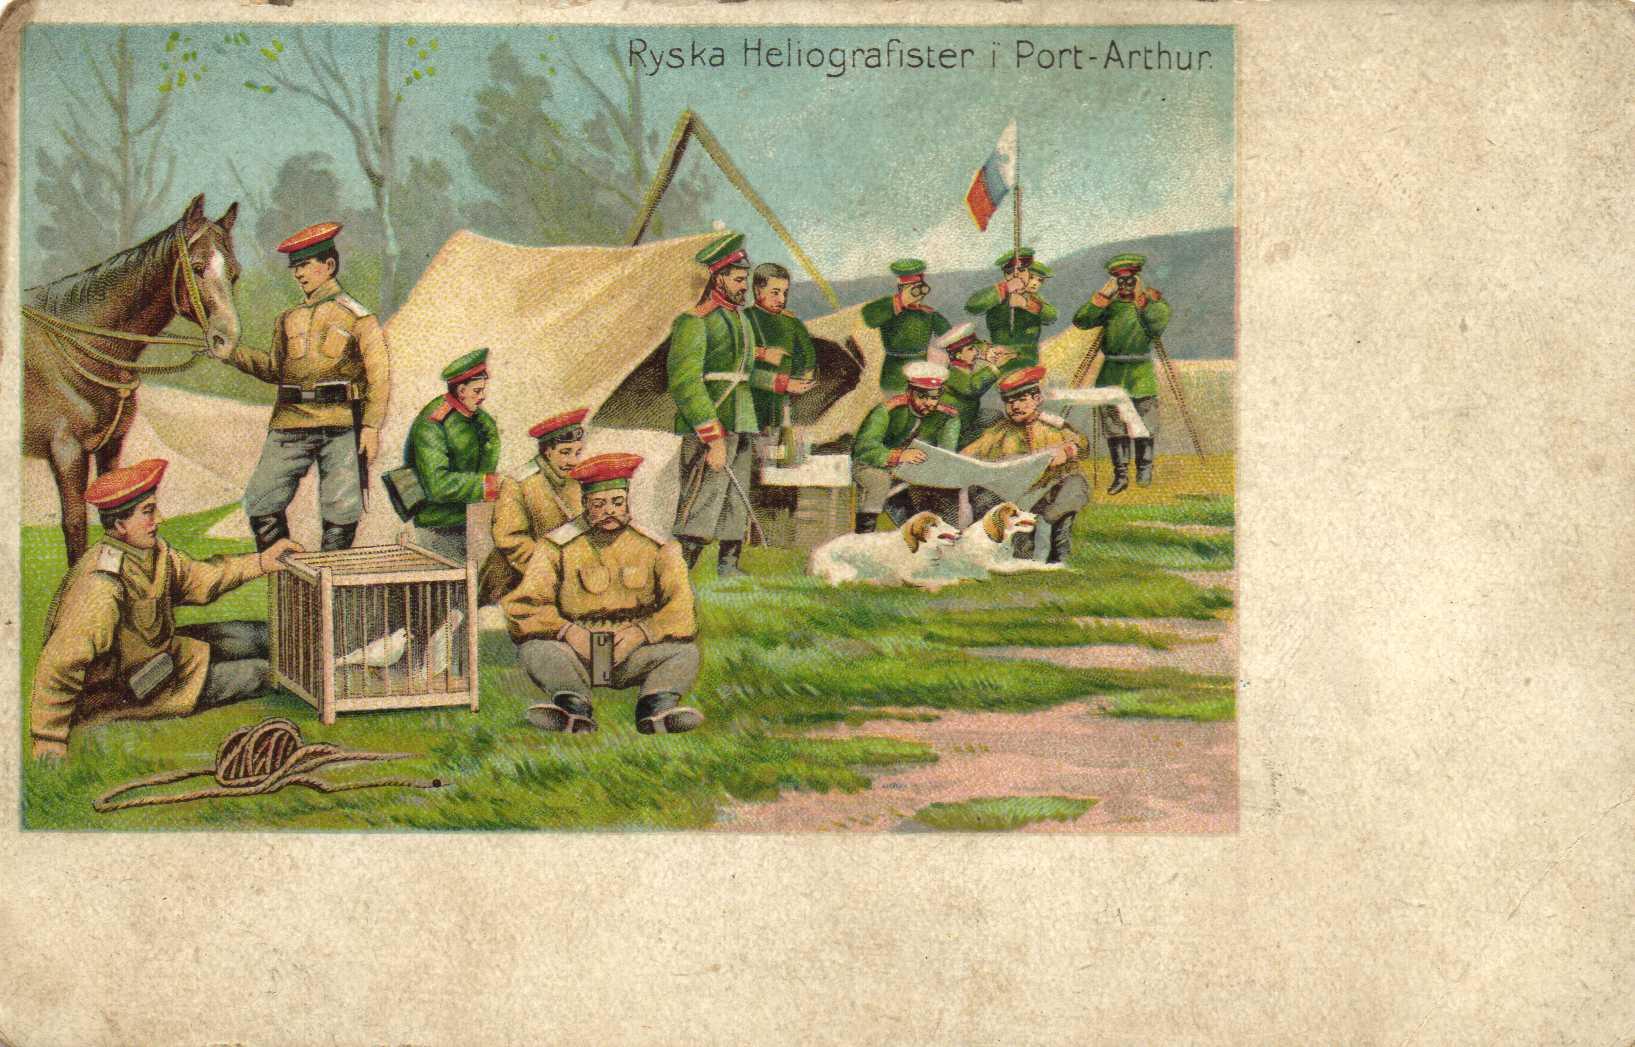 Русские гелиографисты в Порт-Артуре